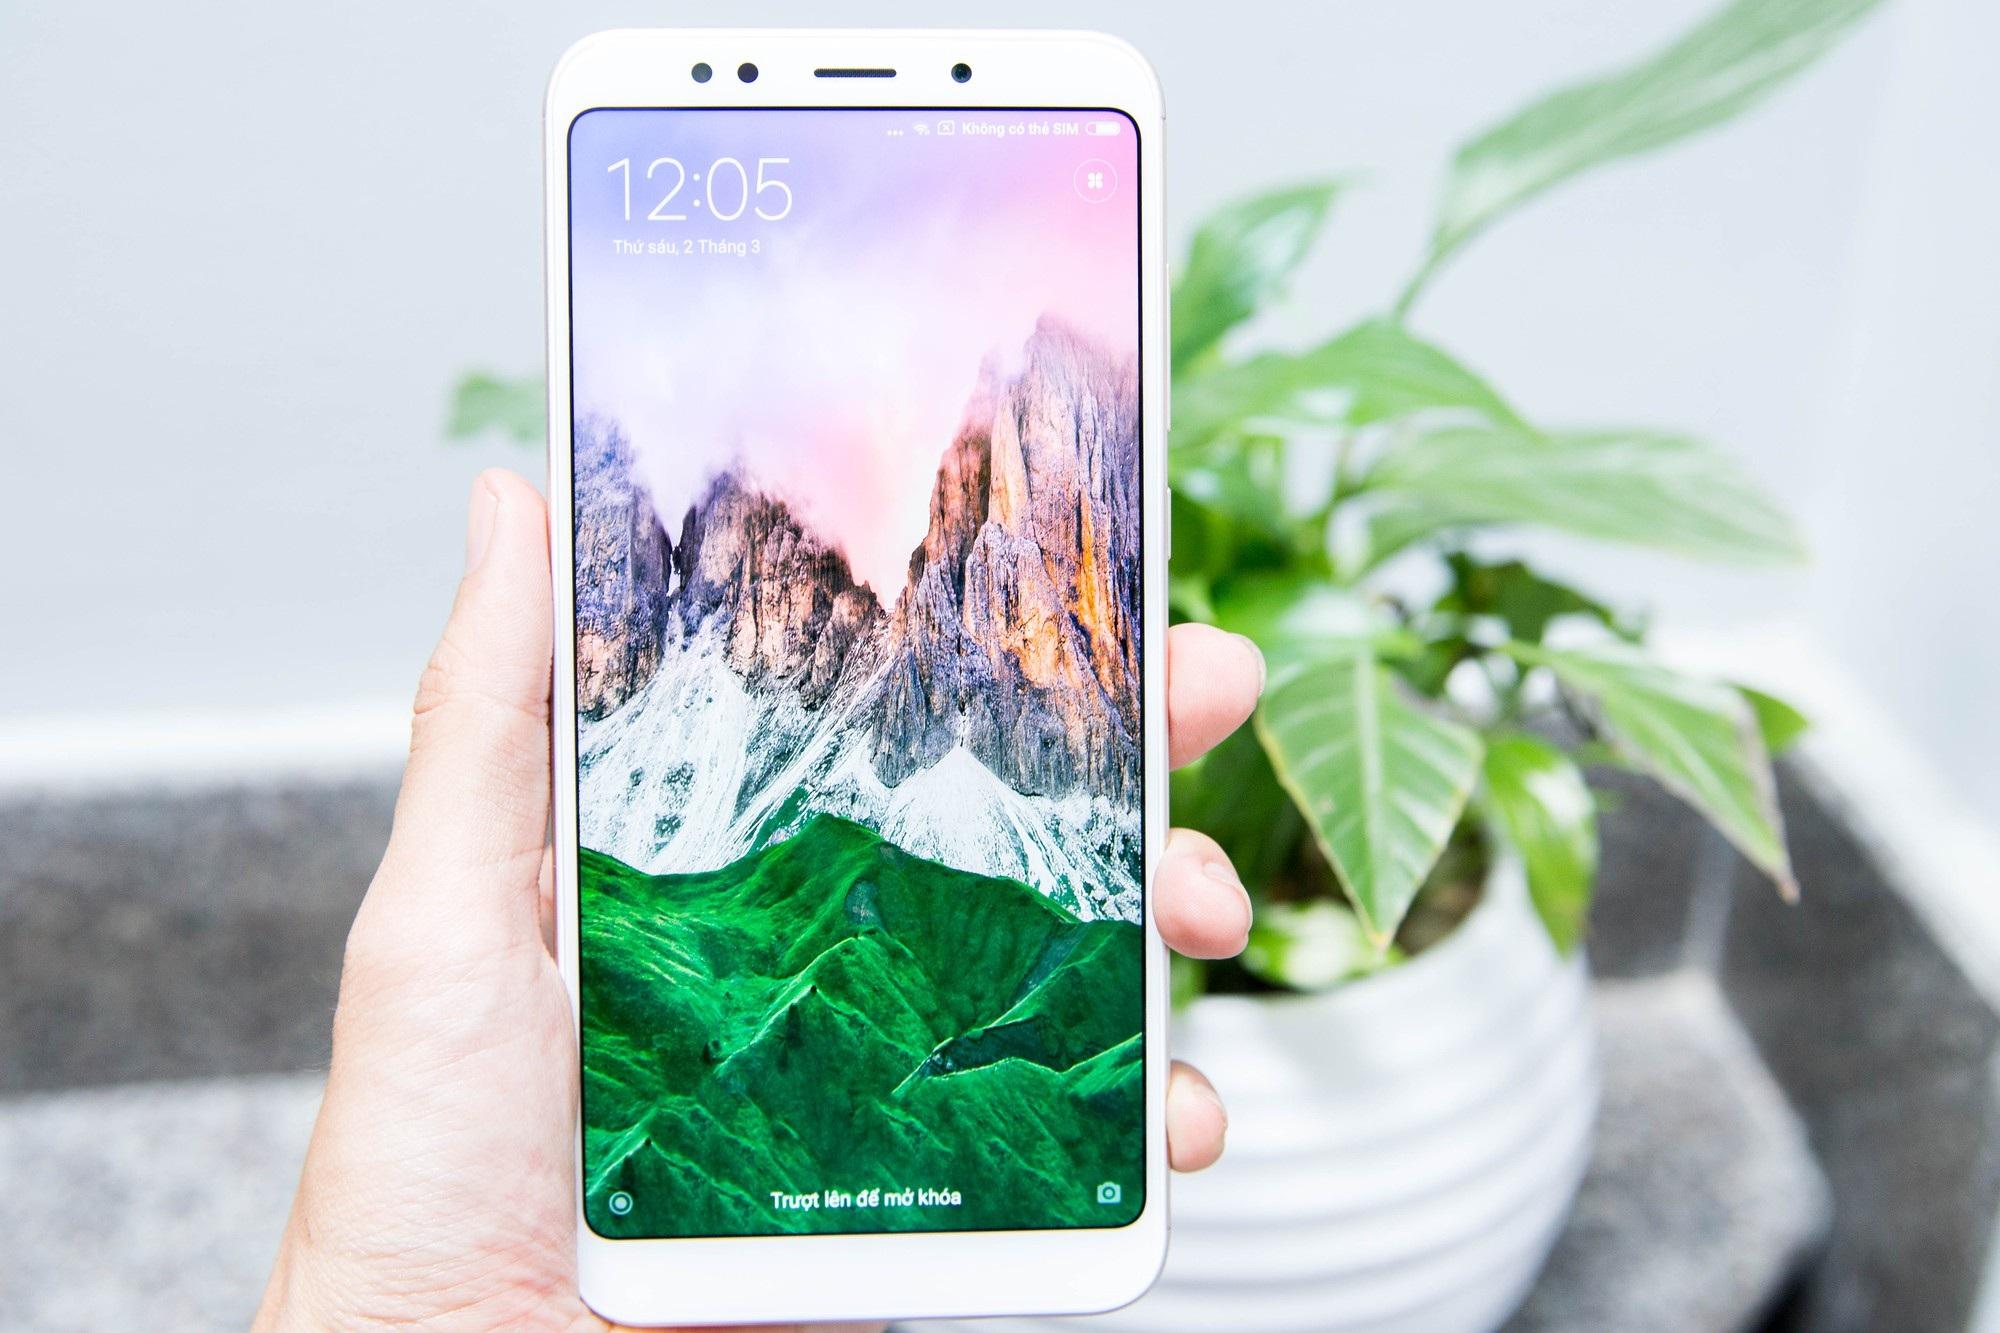 Redmi 5 Plus là mẫu smartphone giá rẻ được độc giả Dân trí yêu thích nhất - Ảnh 2.